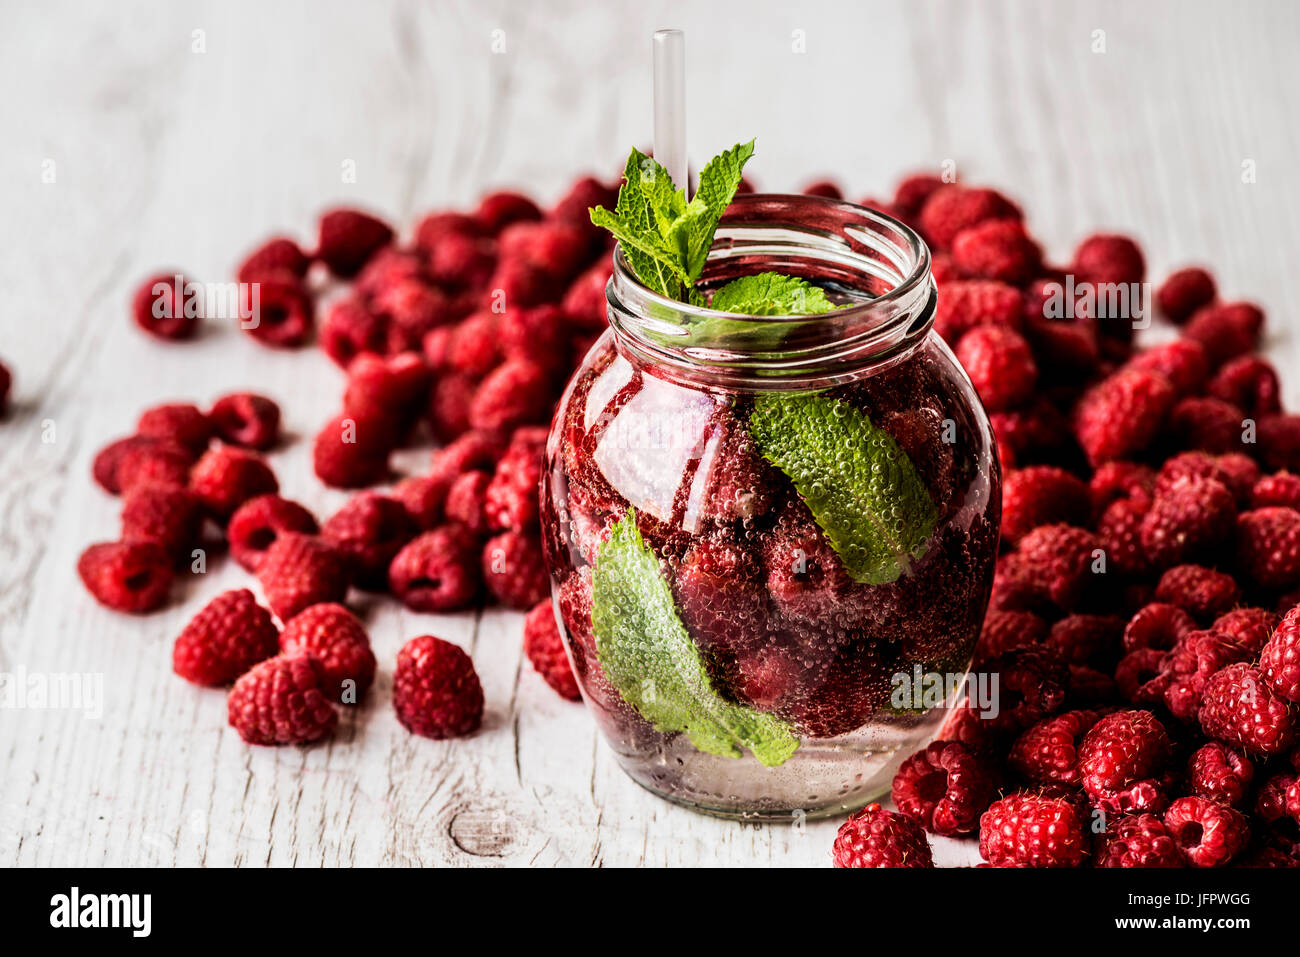 Detox acqua con rasberry bianco su sfondo di legno. Bibite salutari Immagini Stock